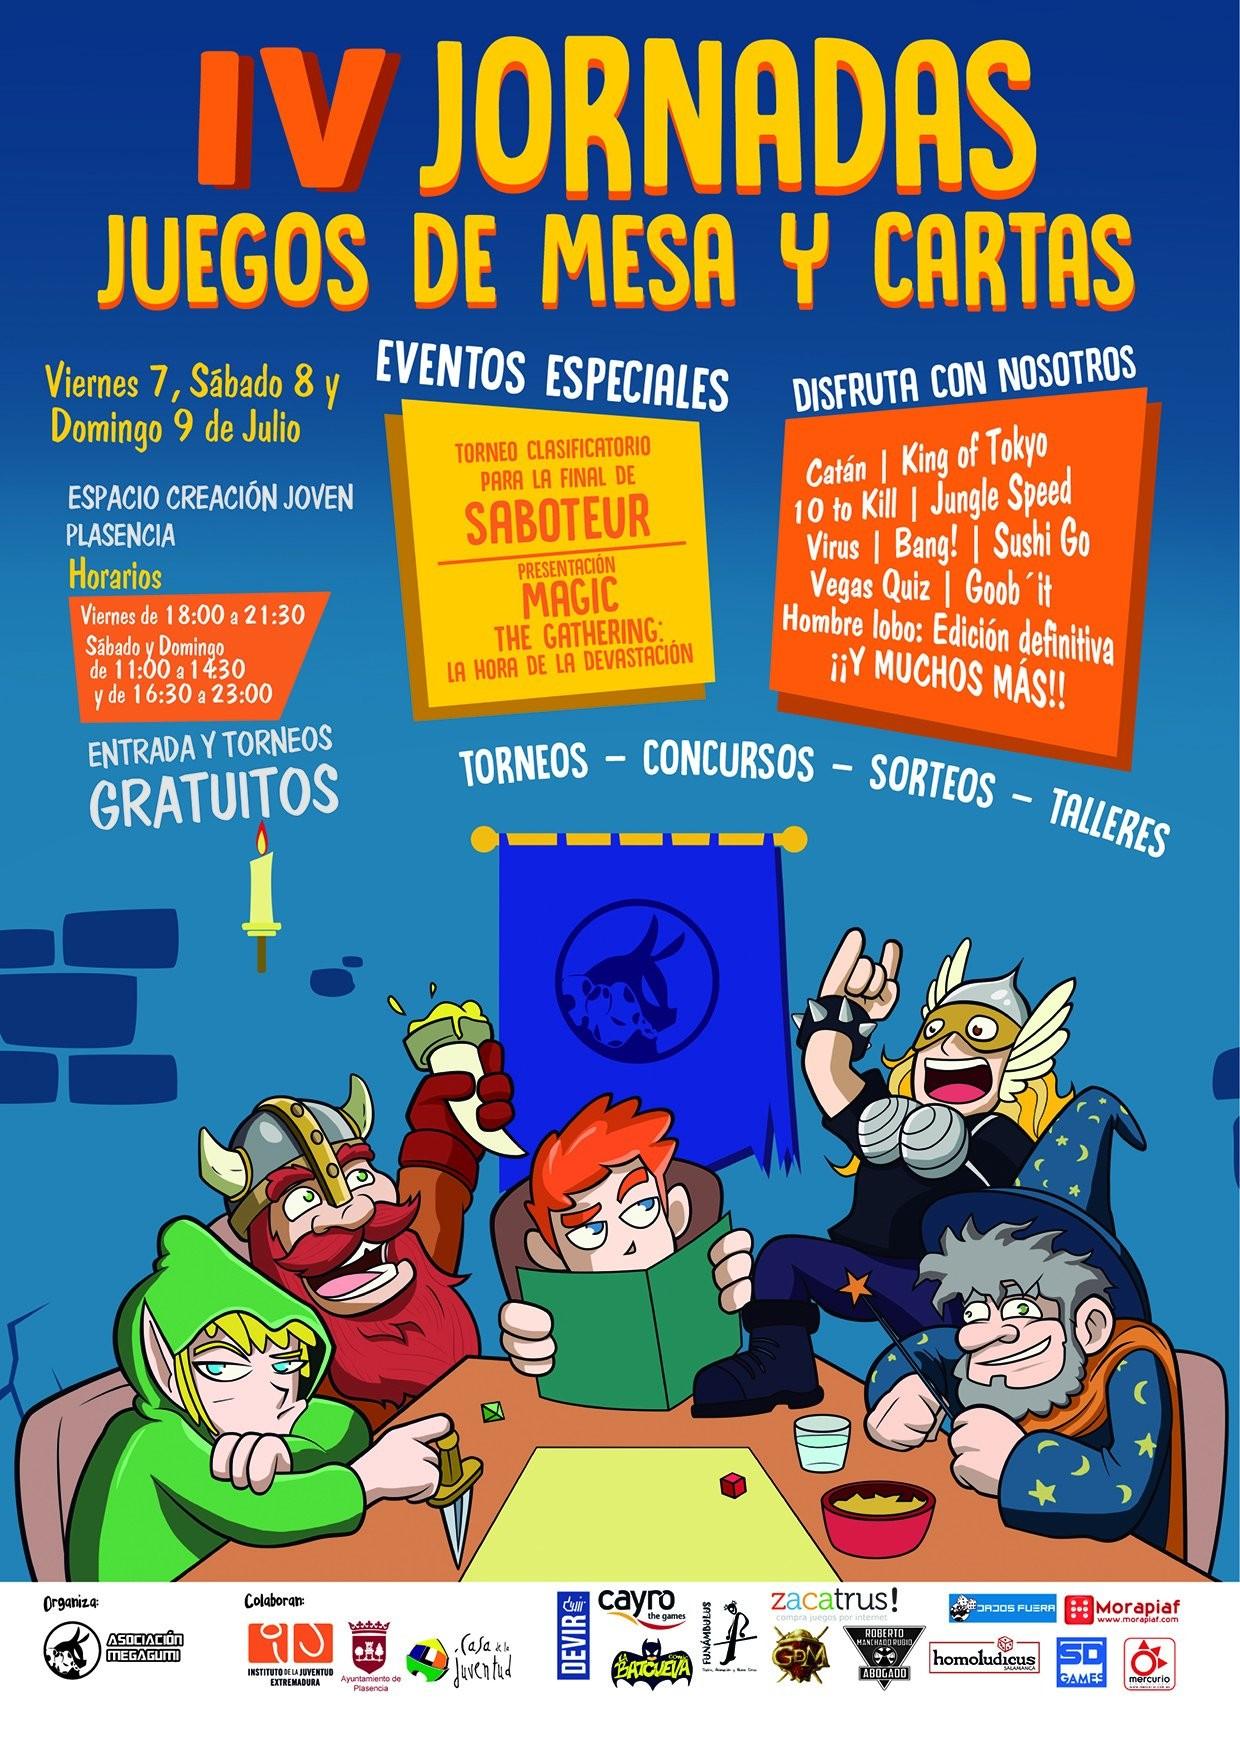 IV Jornadas de juegos de mesa y cartas Megagumi